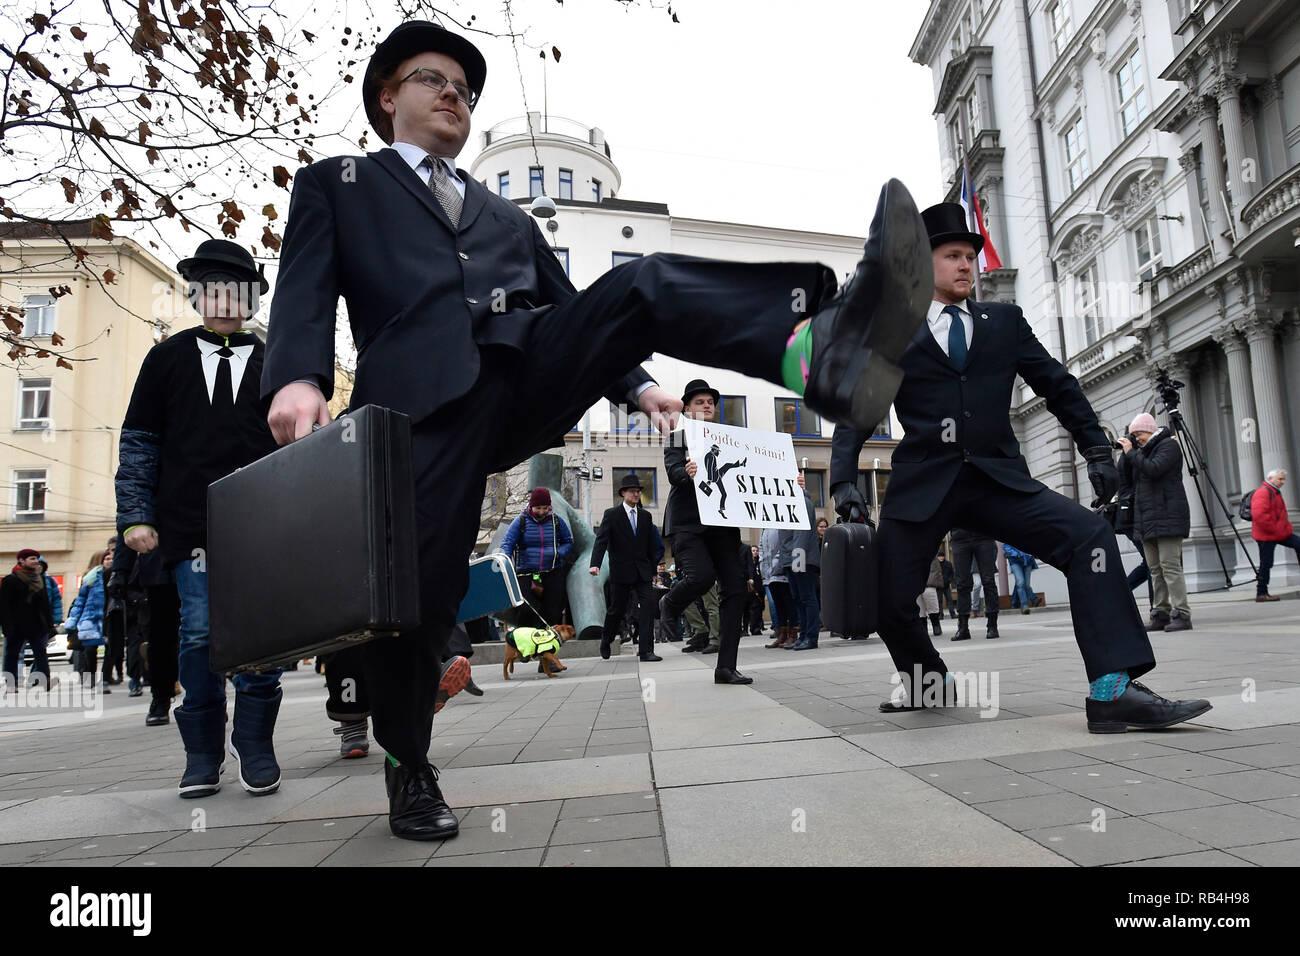 Brno, Repubblica Ceca. 07Th gen, 2019. I fan del gruppo britannico commedia Monty Python sono visibili durante il singolare marzo in occasione della International sciocco a piedi giorno di Brno, in Repubblica Ceca, 7 gennaio 2019. Credito: Vaclav Salek/CTK foto/Alamy Live News Immagini Stock